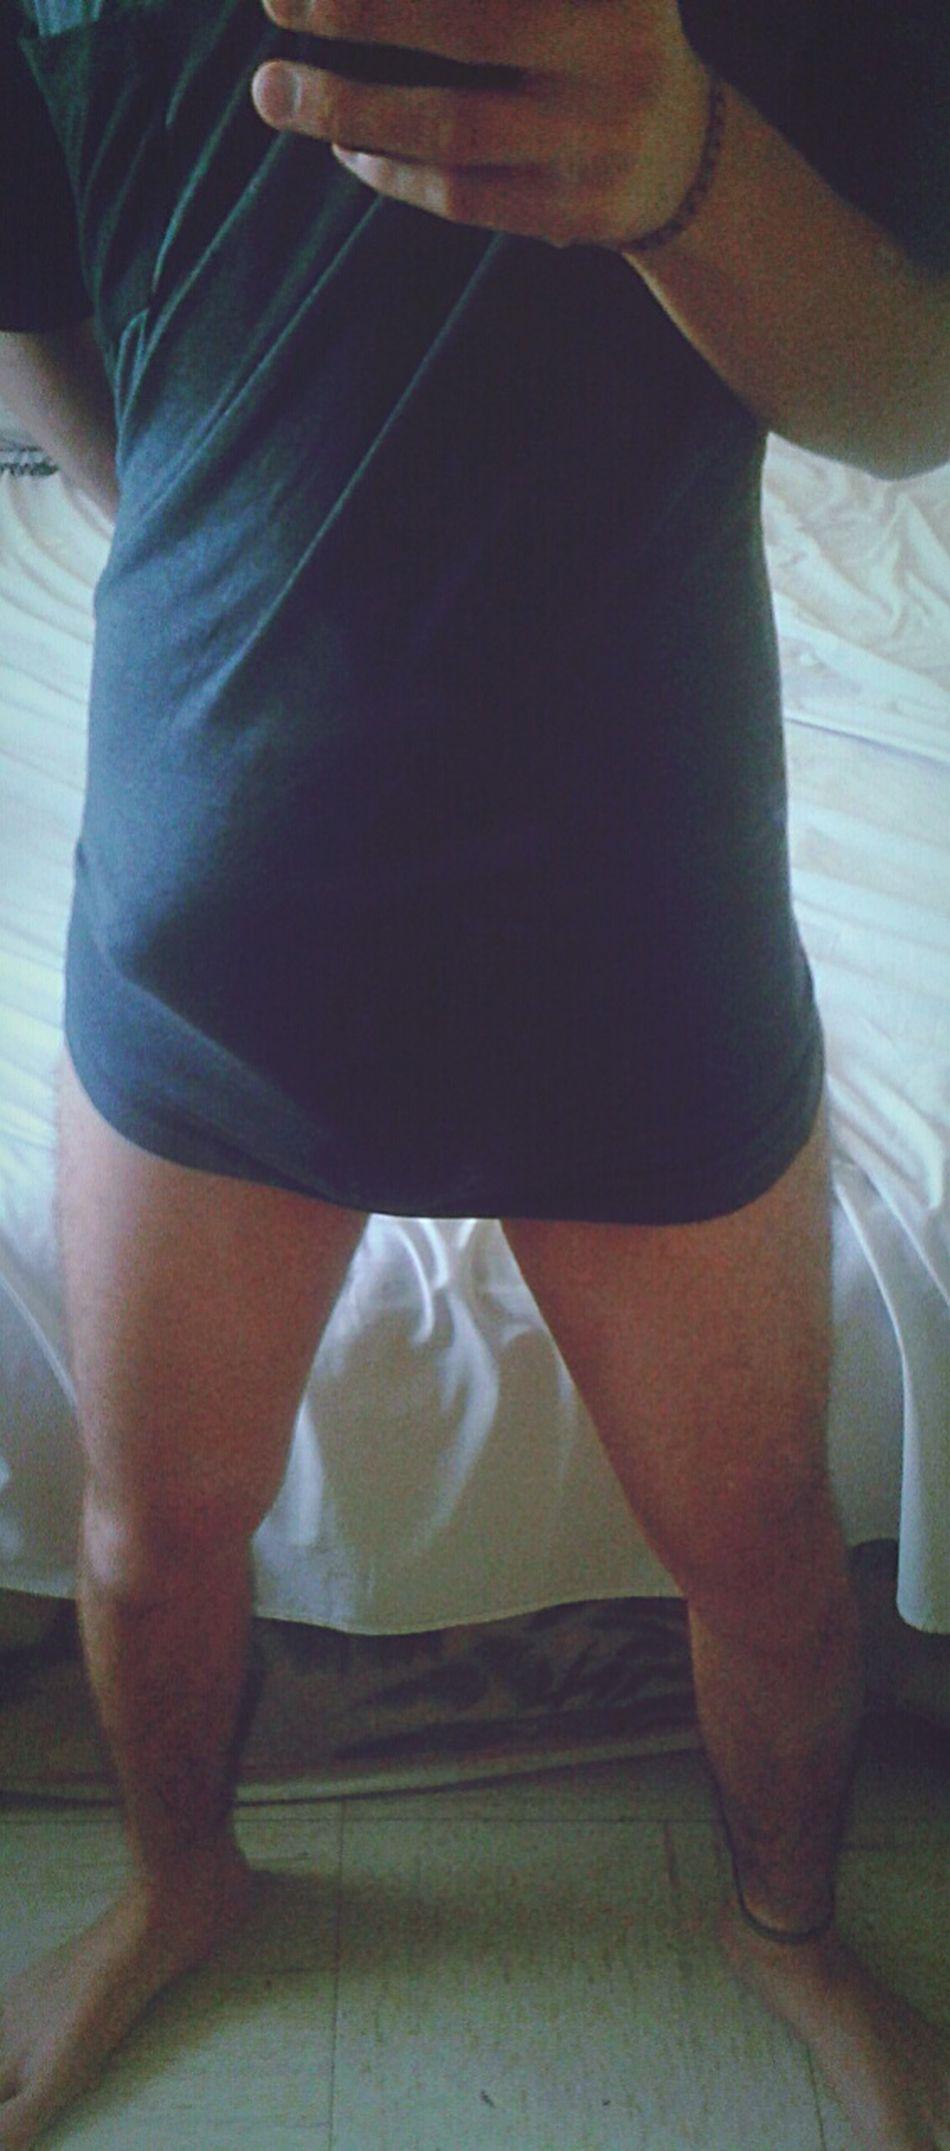 El erotismo es mejor que la pornografia porque te deja con ganas de mas y lleno de preguntas y asi como el erotismo date a desear para ser mas interesante :)..... Sexyboy Sexymen SexyGay Gayhot Gays Gaylife Gaypride Gayboy Gayguy Gaymen